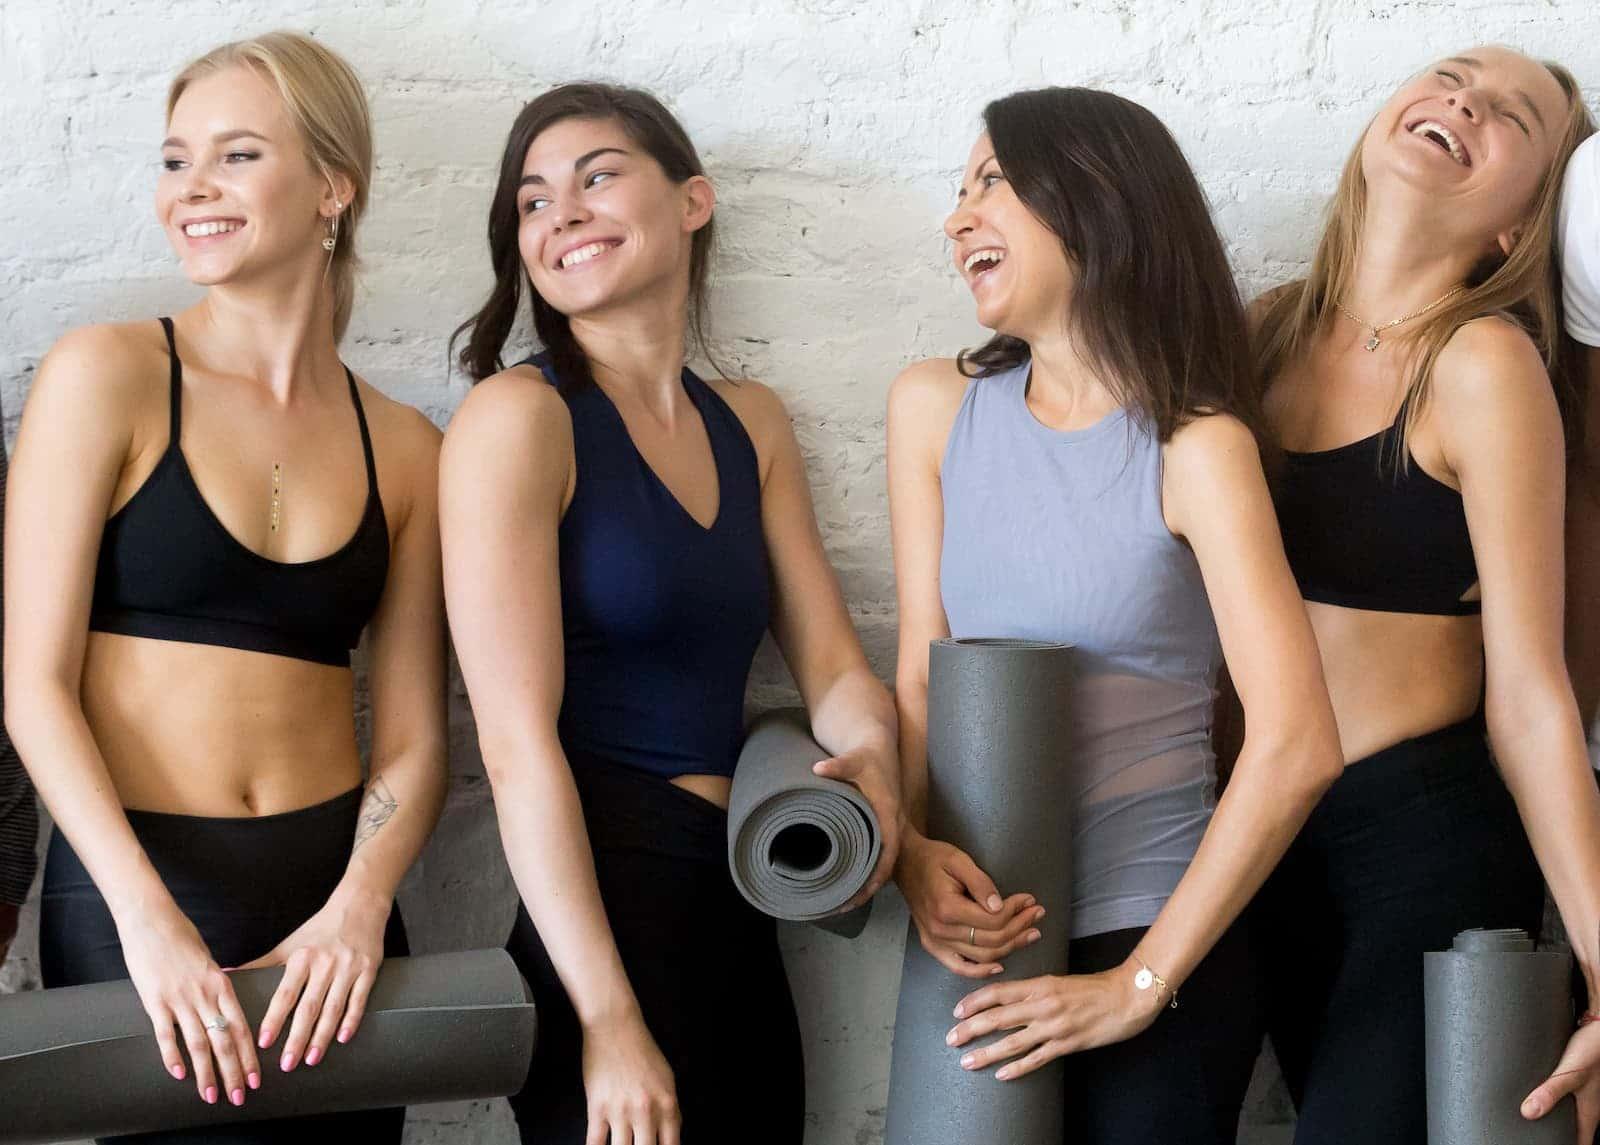 group of fitness women in yoga wear